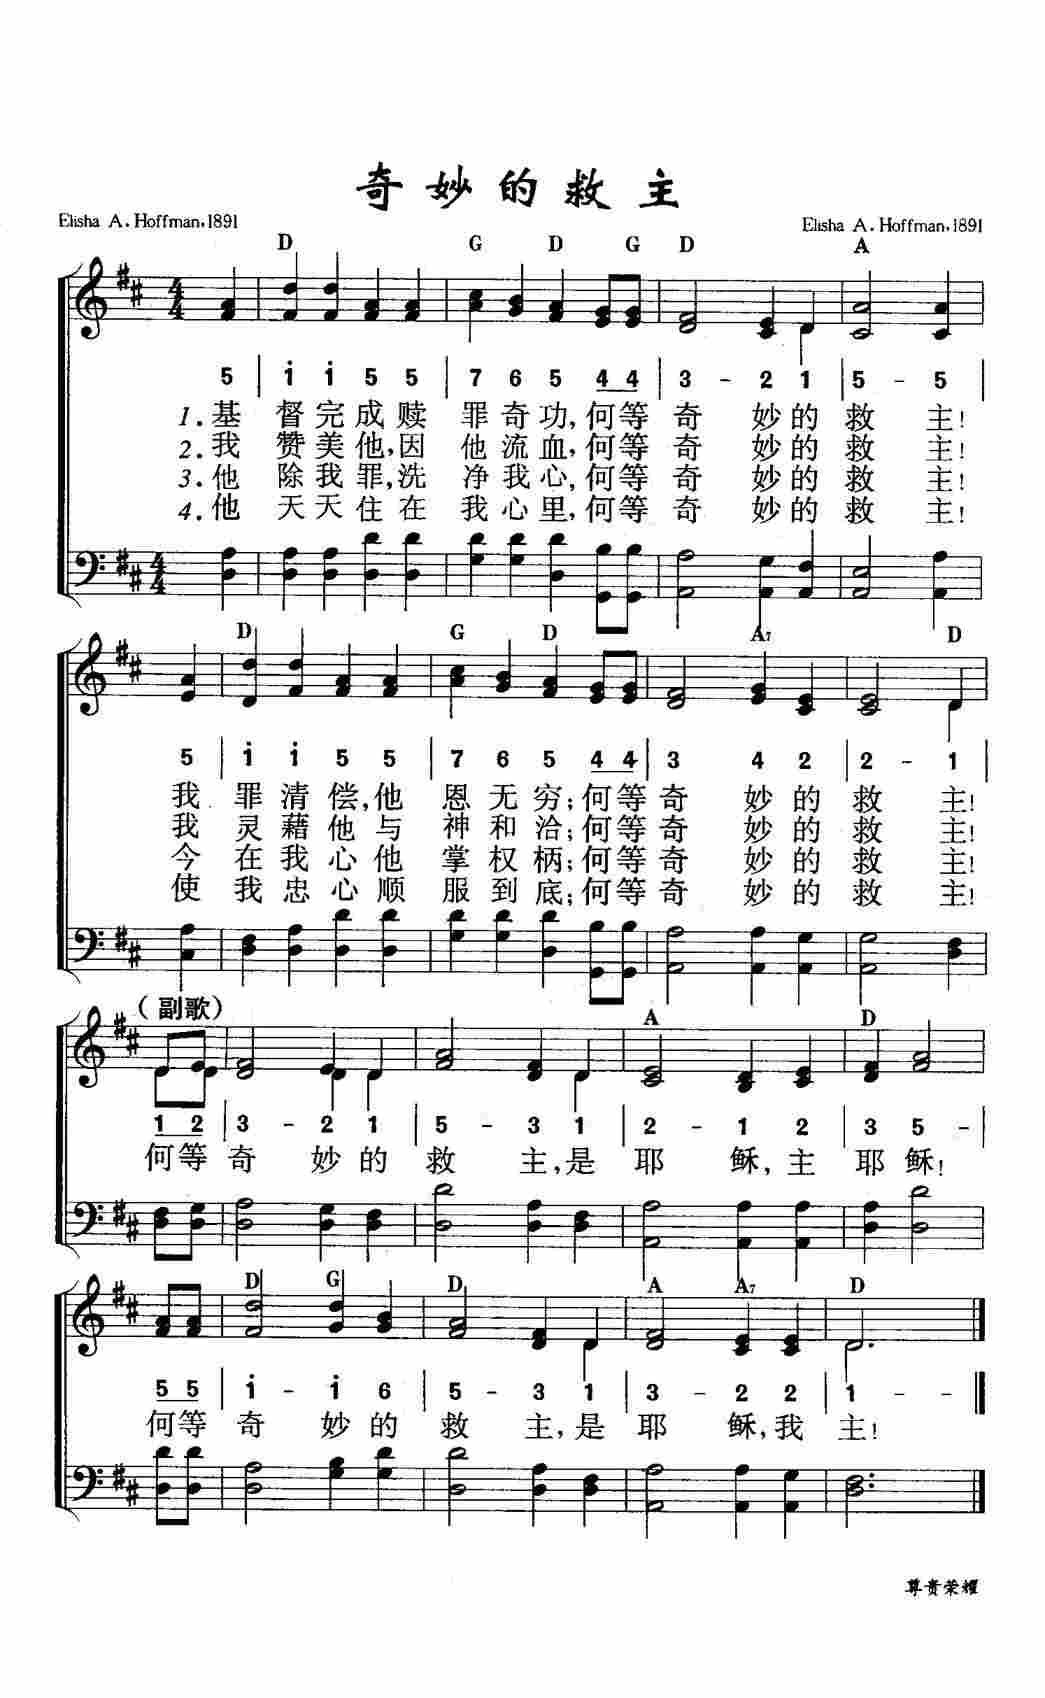 基督教歌谱网基督教